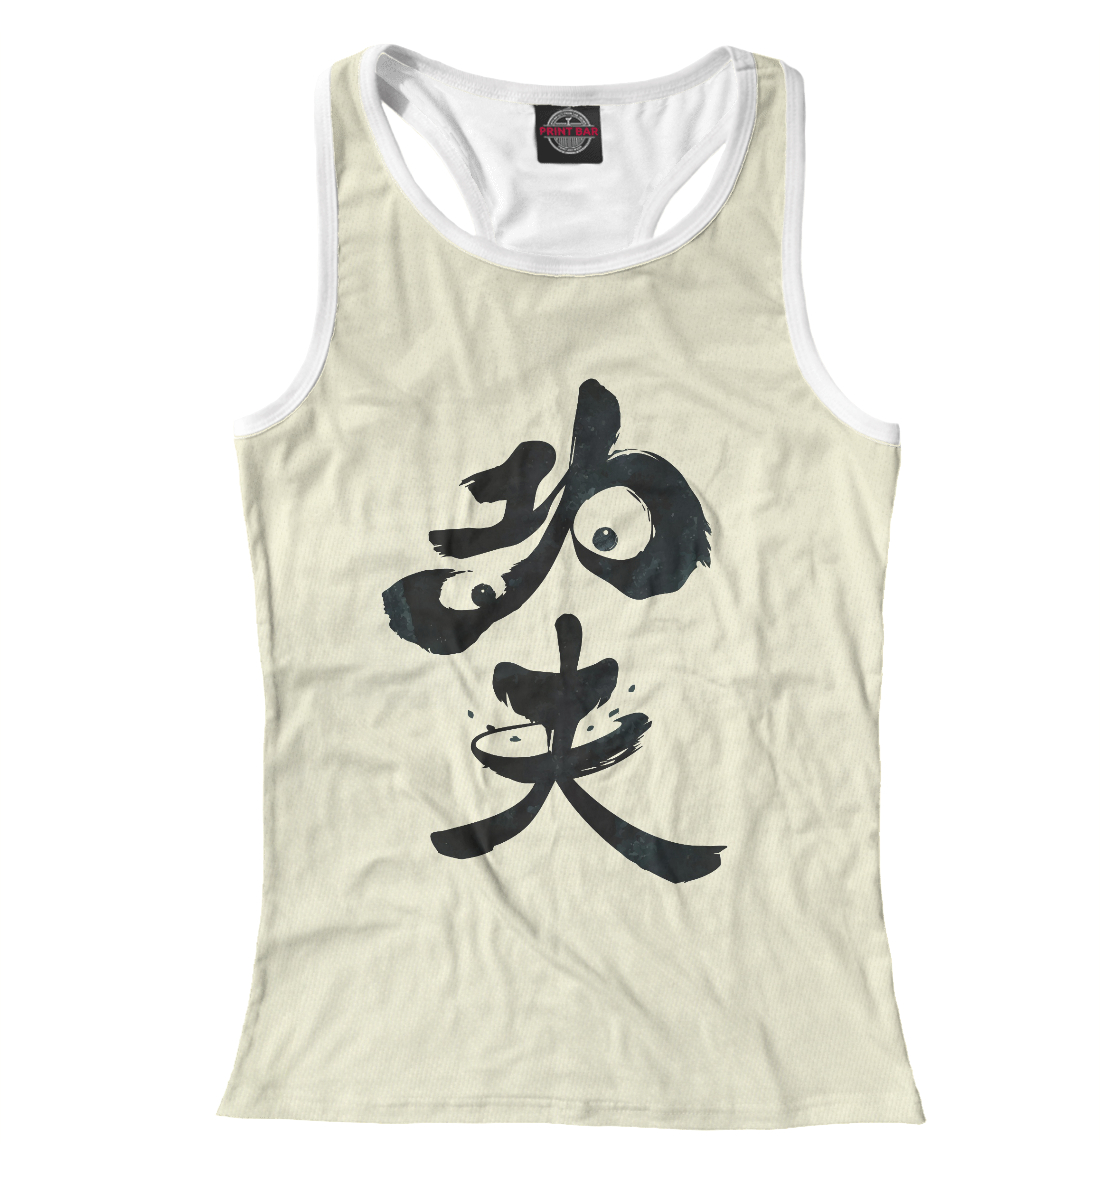 Купить Panda Hieroglyph, Printbar, Майки борцовки, PAN-890082-mayb-1